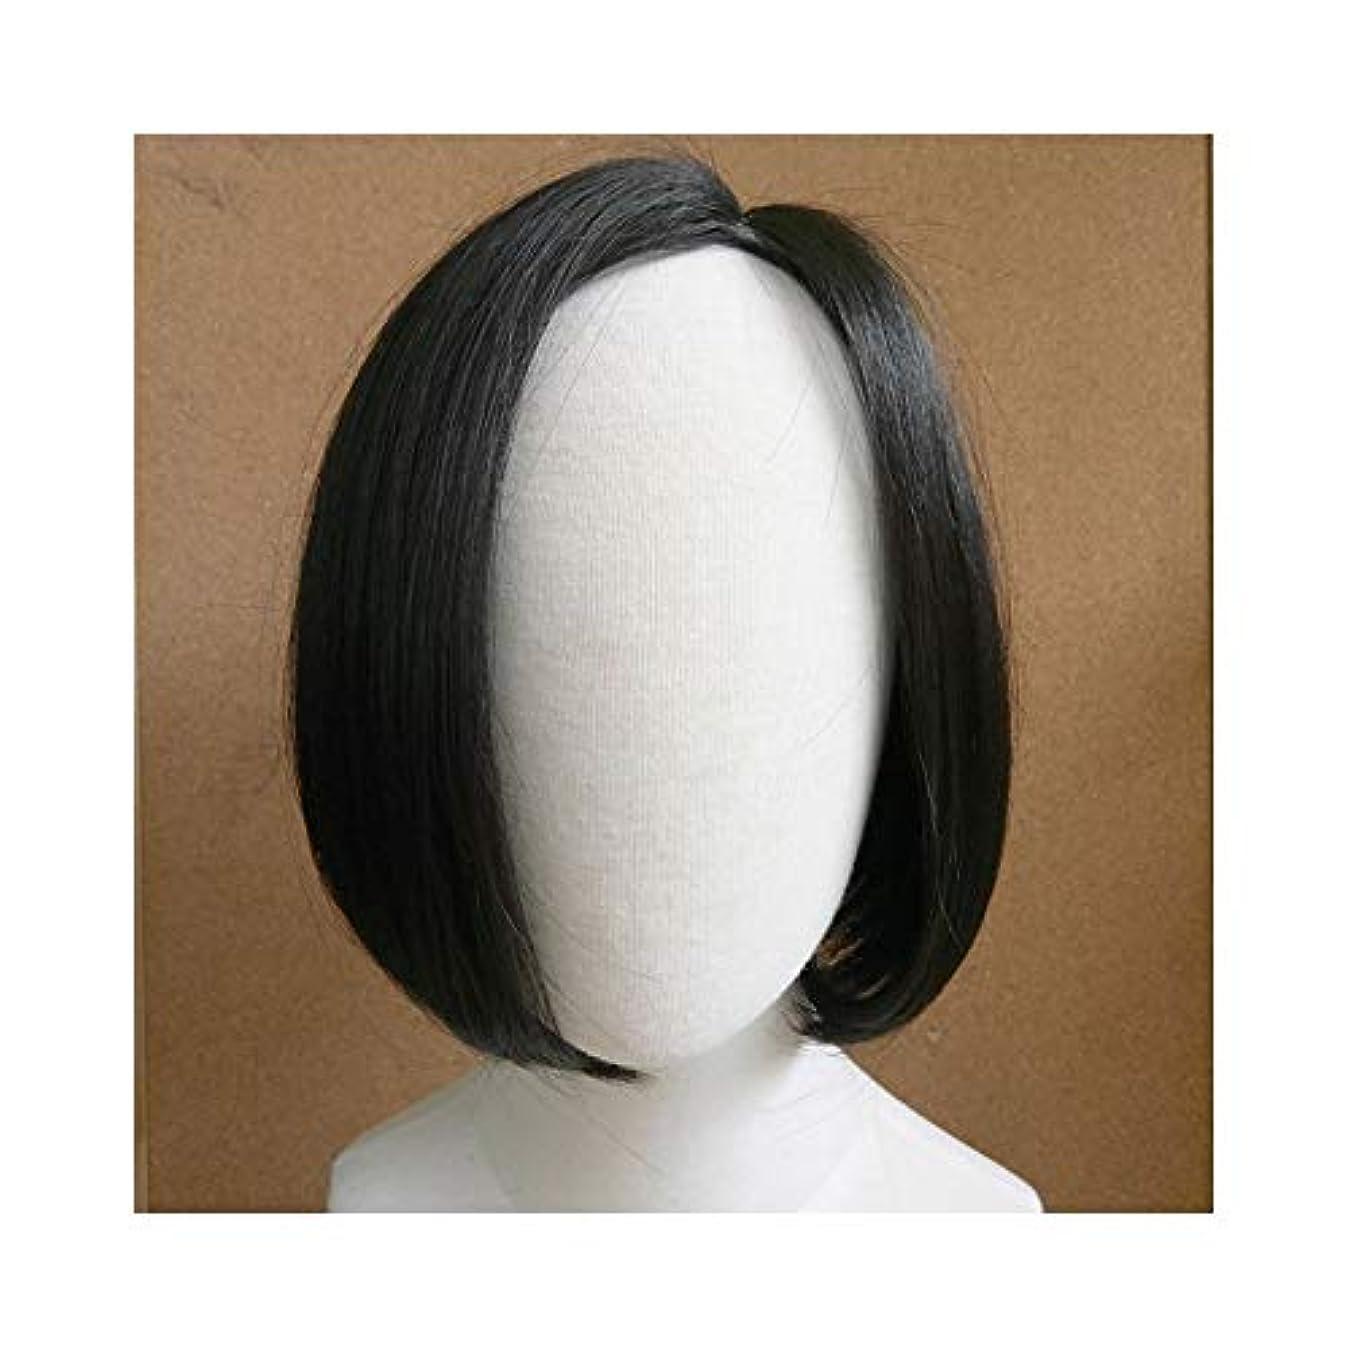 一流南東重要な役割を果たす、中心的な手段となるYOUQIU 女性のための純粋な本物の人間の髪の毛ボブショートウィッグ、洗浄し、ウィッグをカールすることができます (色 : Photo Color, サイズ : 20 inches)